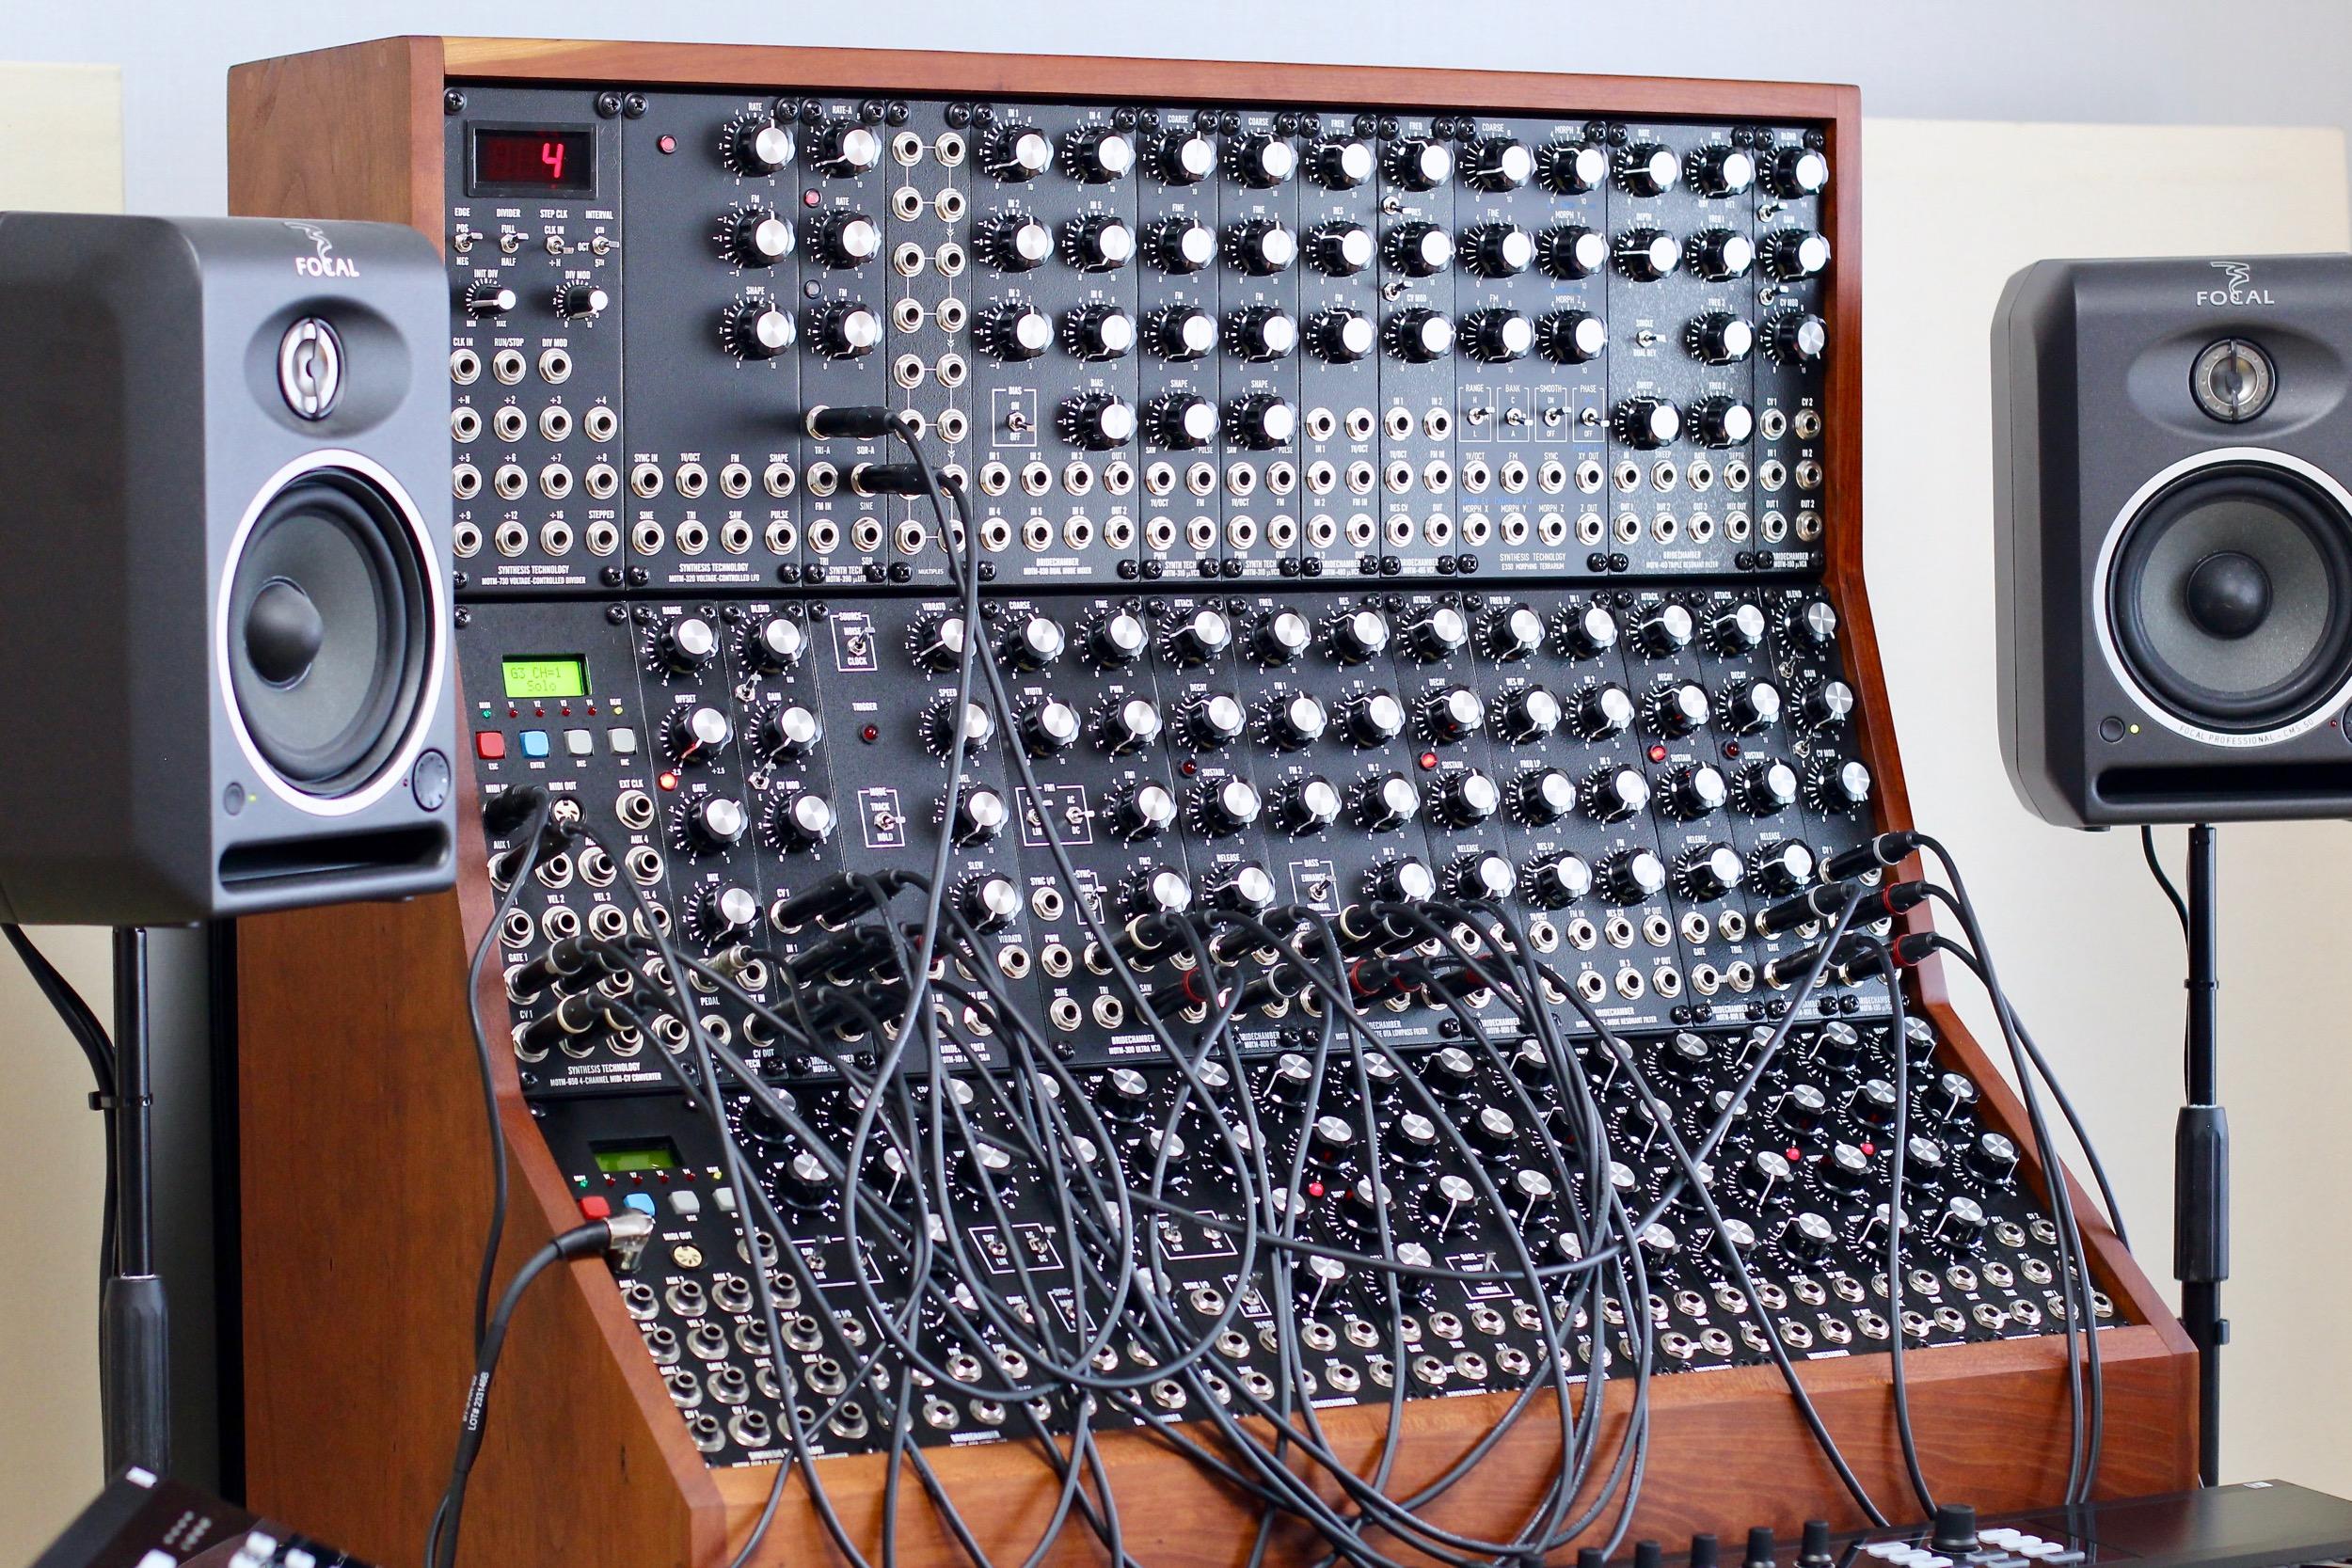 MOTM Analog Modular Synthesizer, 35-module system